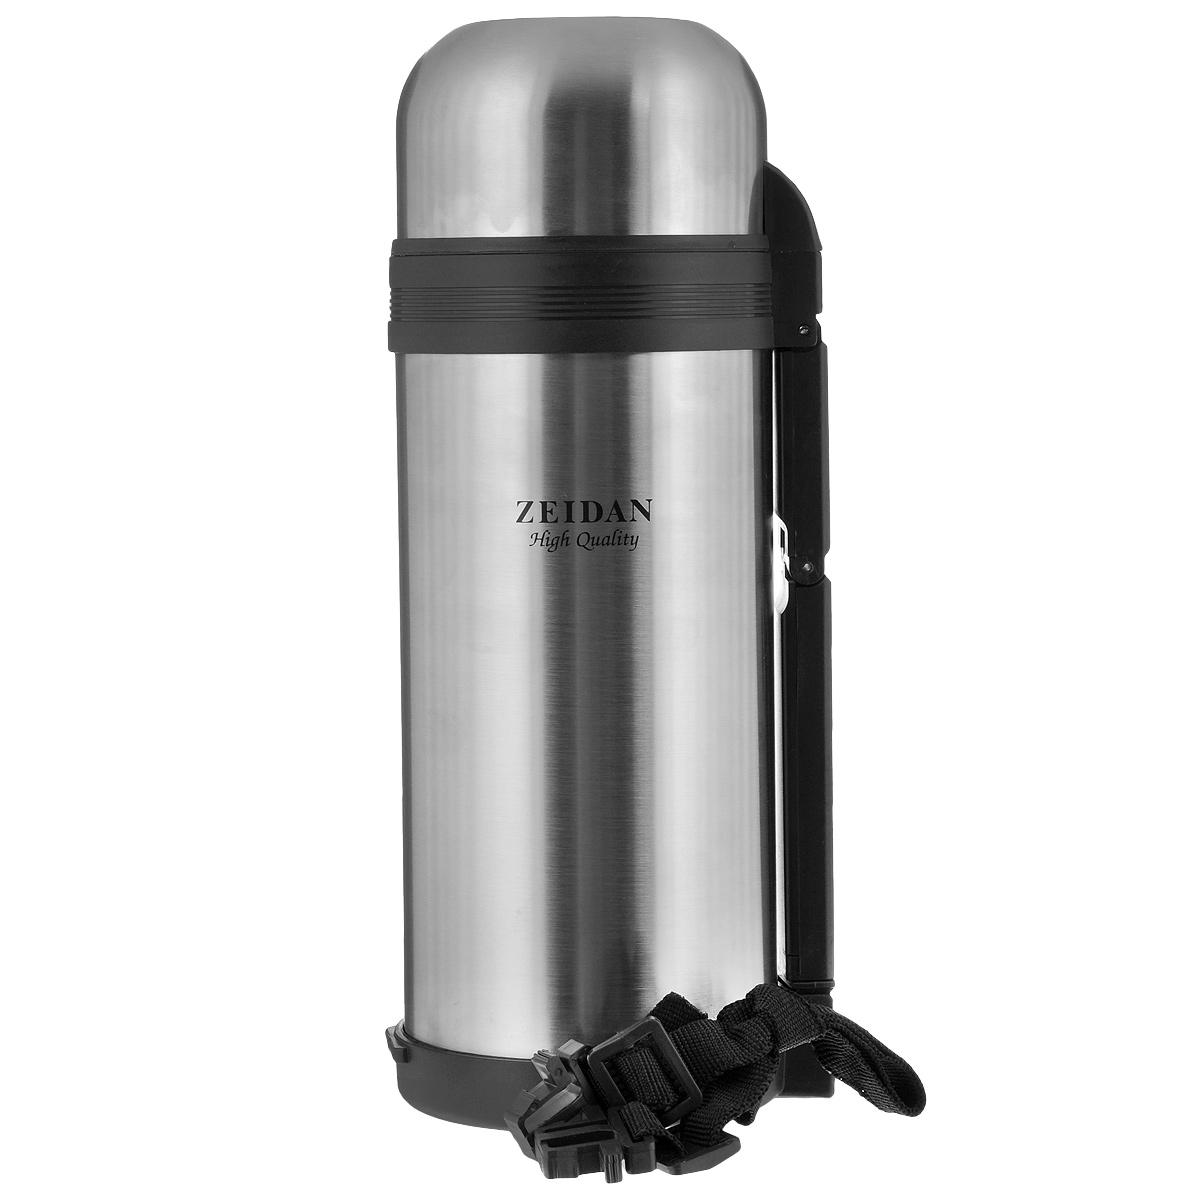 Термос Zeidan Sean, 1,5 лVT-1520(SR)Термос с универсальным горлом Zeidan Sean, изготовленный из высококачественной нержавеющей стали и пластика, является простым в использовании, экономичным и многофункциональным. Термос с вакуумной изоляцией предназначен для хранения горячих и холодных напитков (чая, кофе). Изделие укомплектовано пробкой с кнопкой, дополнительной пластиковой чашей и удобной складной ручкой для переноски. Пробка удобна в использовании и позволяет, не отвинчивая ее, наливать напитки после простого нажатия кнопки. Изделие также оснащено крышкой-чашкой. Легкий и прочный термос Zeidan Sean сохранит ваши напитки горячими или холодными надолго.Высота (с учетом крышки): 29 см.Диаметр горлышка: 7,5 см. Диаметр основания: 10,5 см.